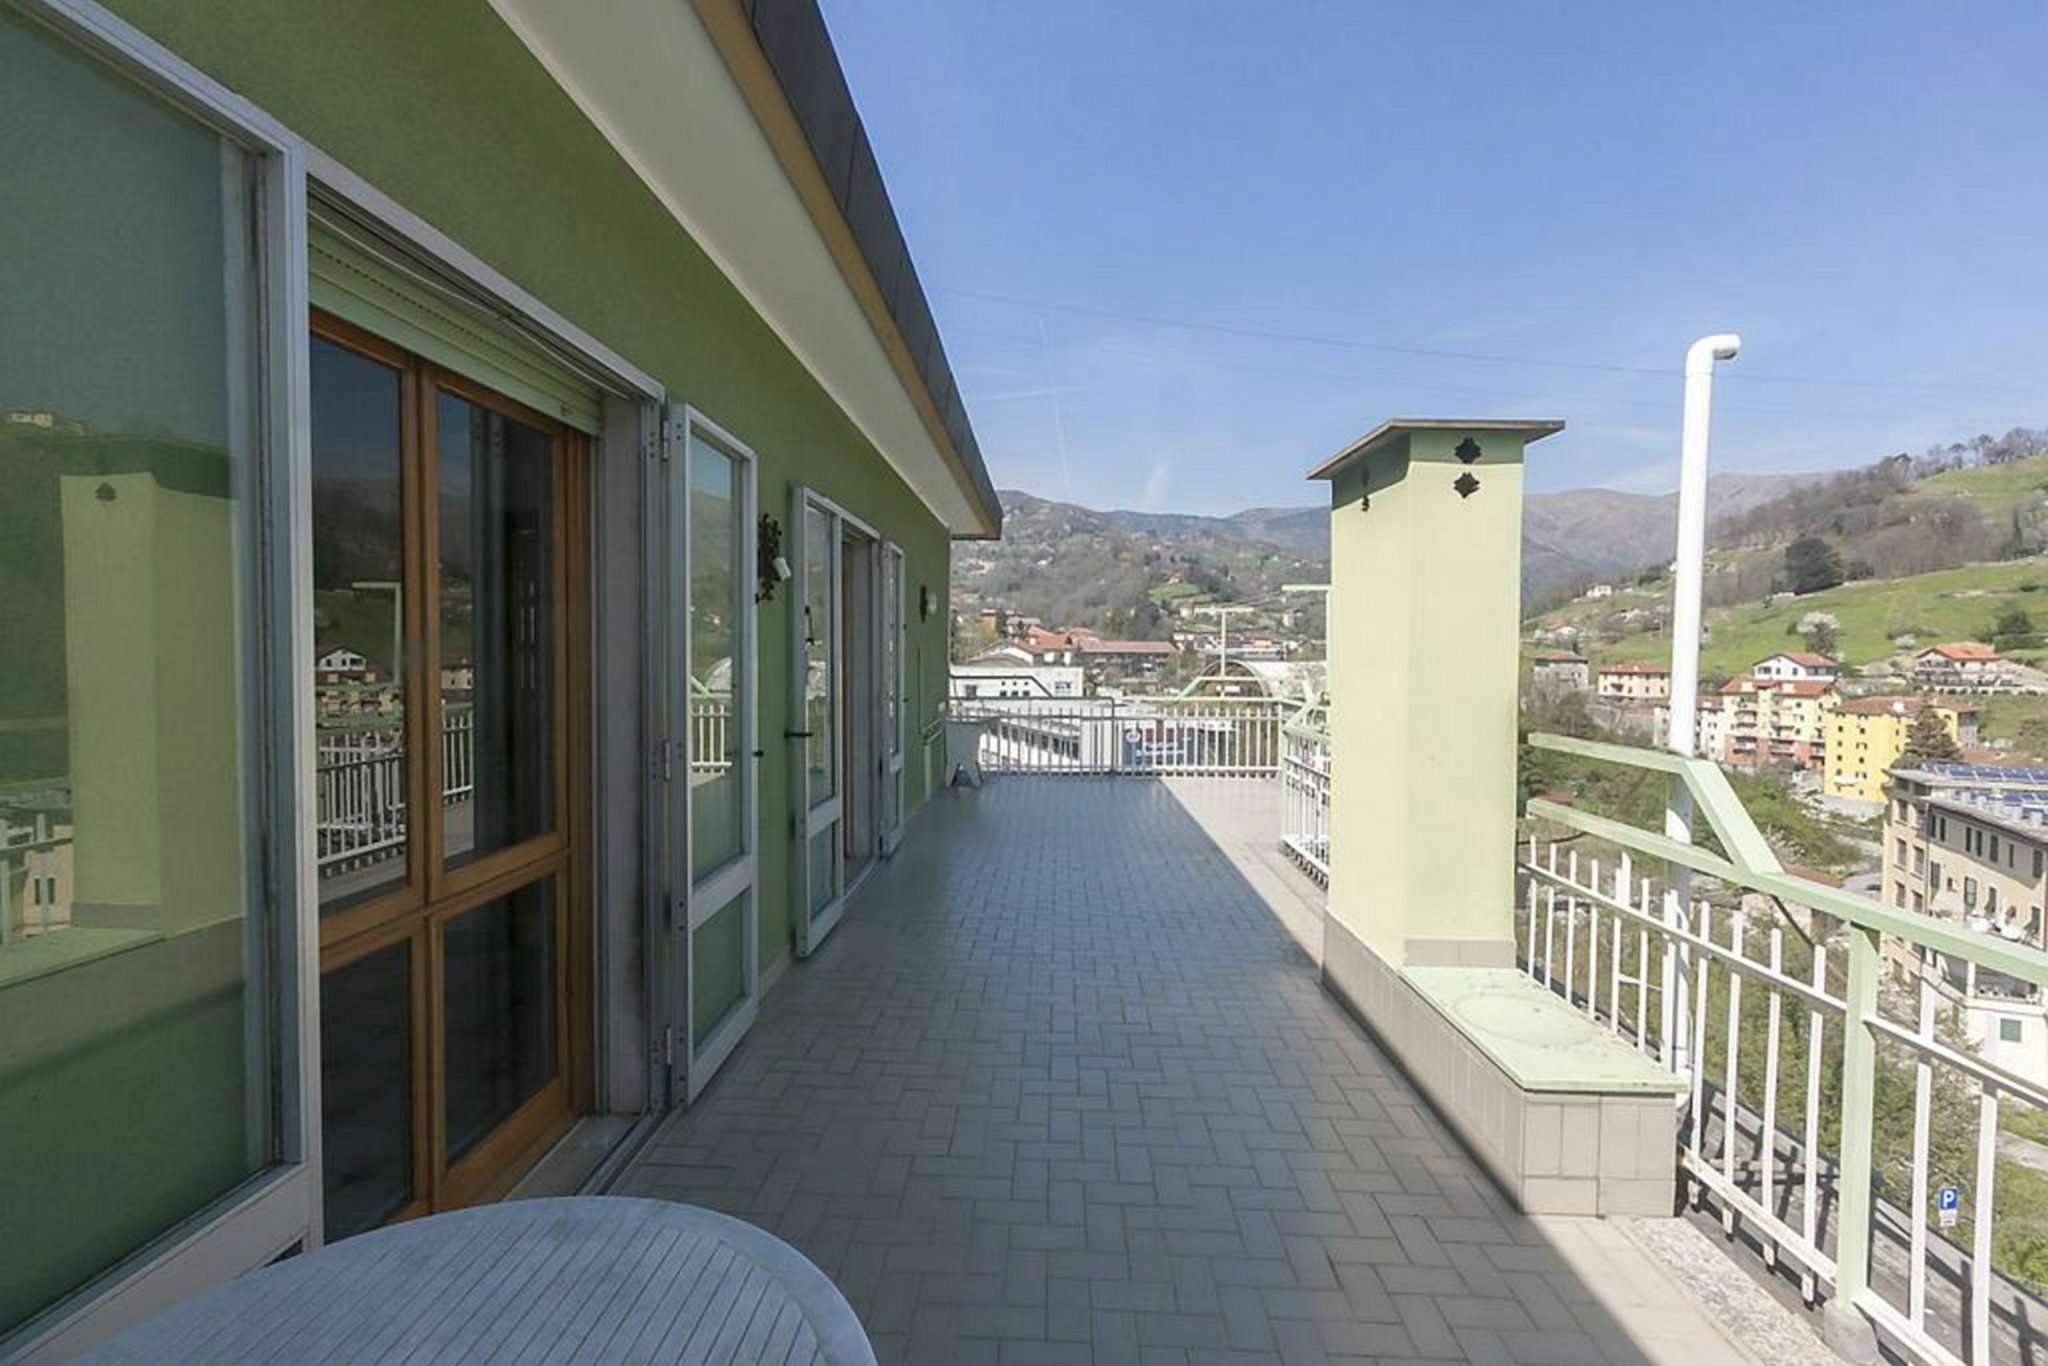 Attico / Mansarda in vendita a Ceranesi, 7 locali, prezzo € 189.000 | Cambio Casa.it